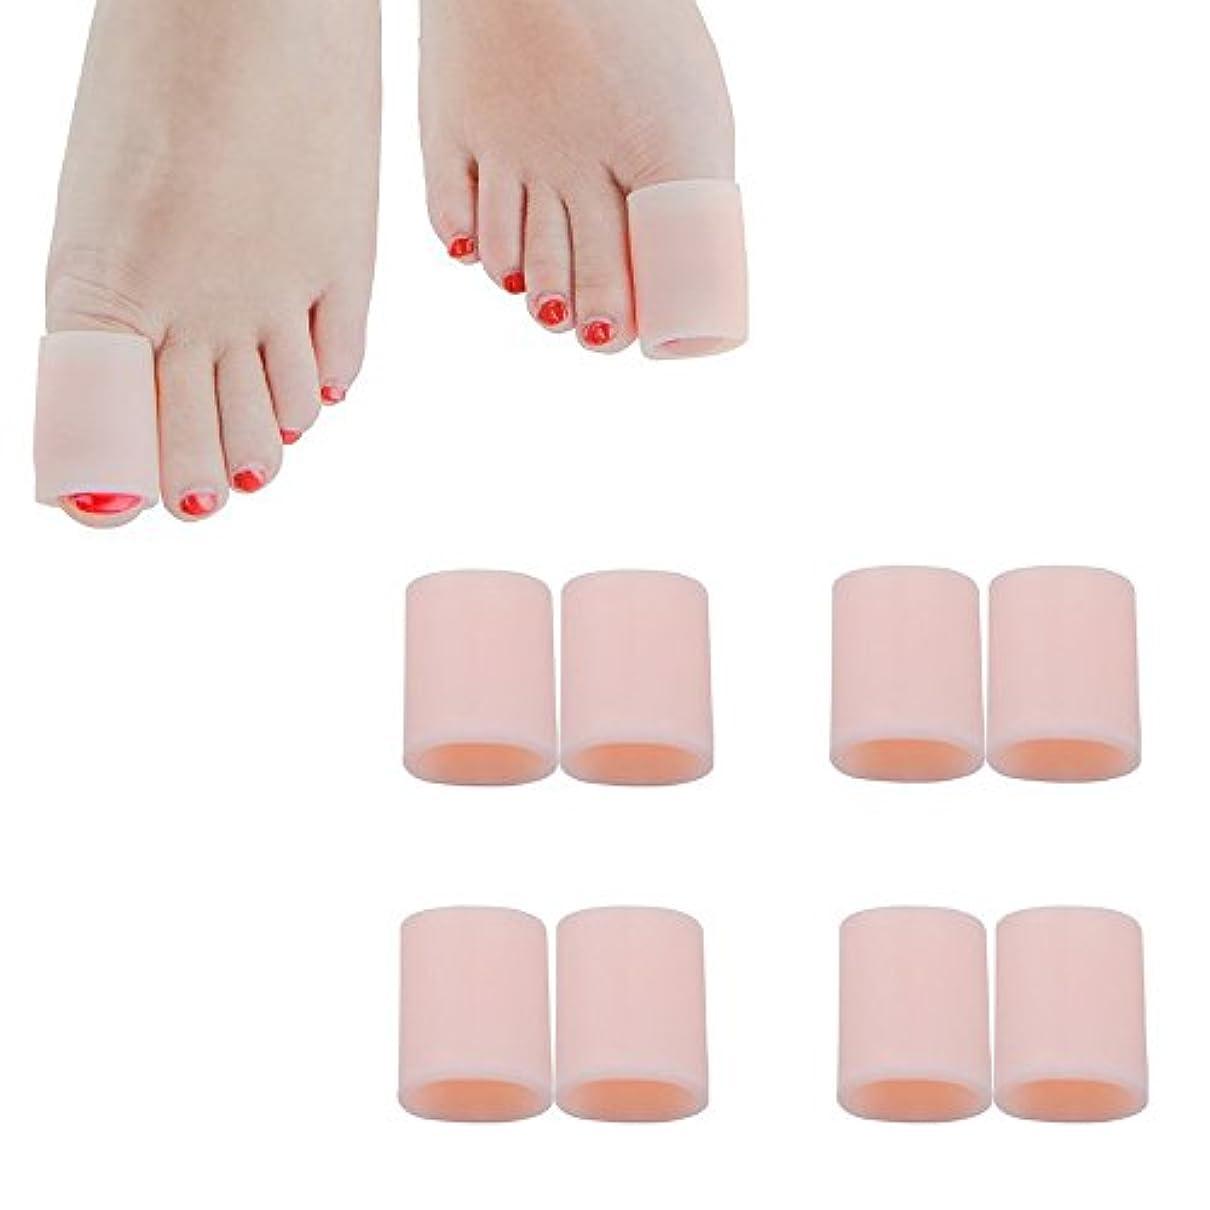 輸血アパートアーティスト足指保護キャップ つま先プロテクター 足先のつめ保護キャップ シリコン (肌の色, 4組の大きなゲル)